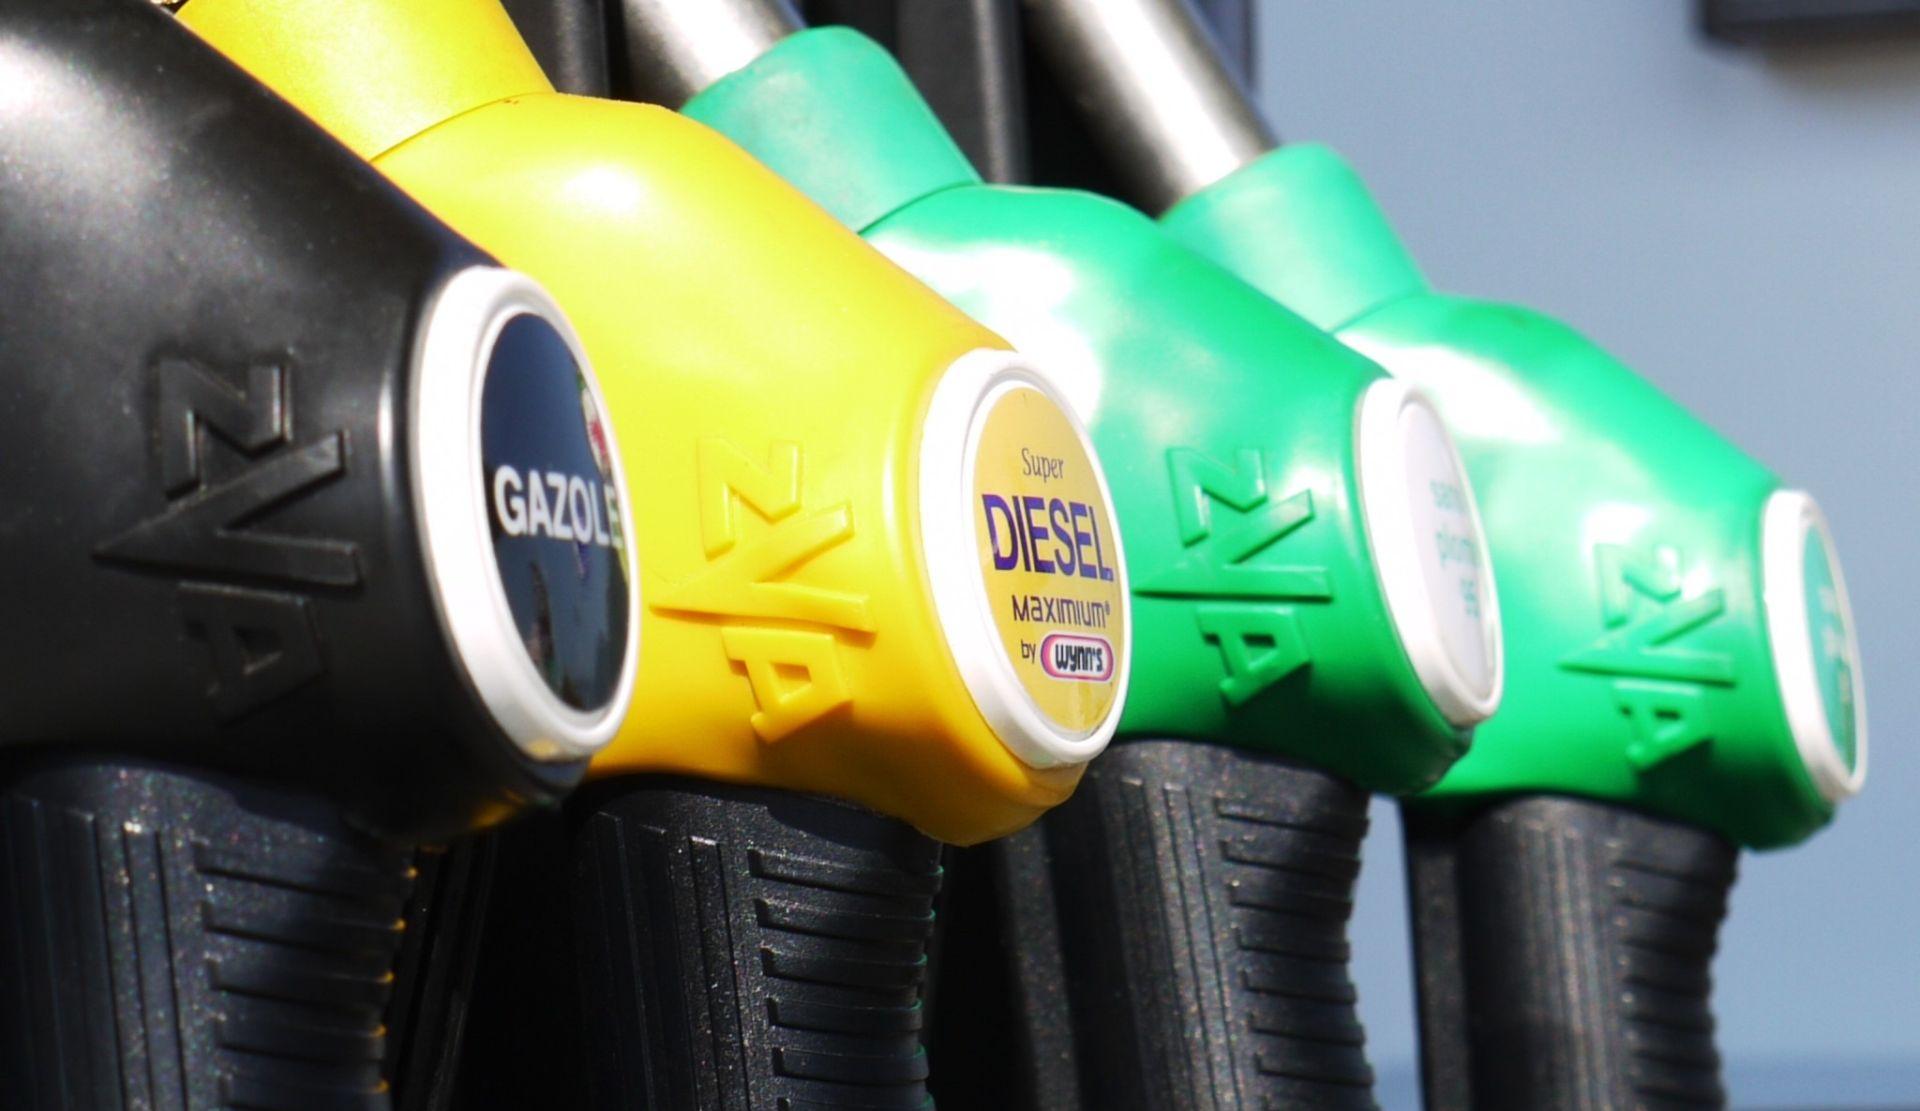 MEDIJI: Mol i Unipetrol zainteresirani za Enijevu mrežu benzinskih postaja u Mađarskoj